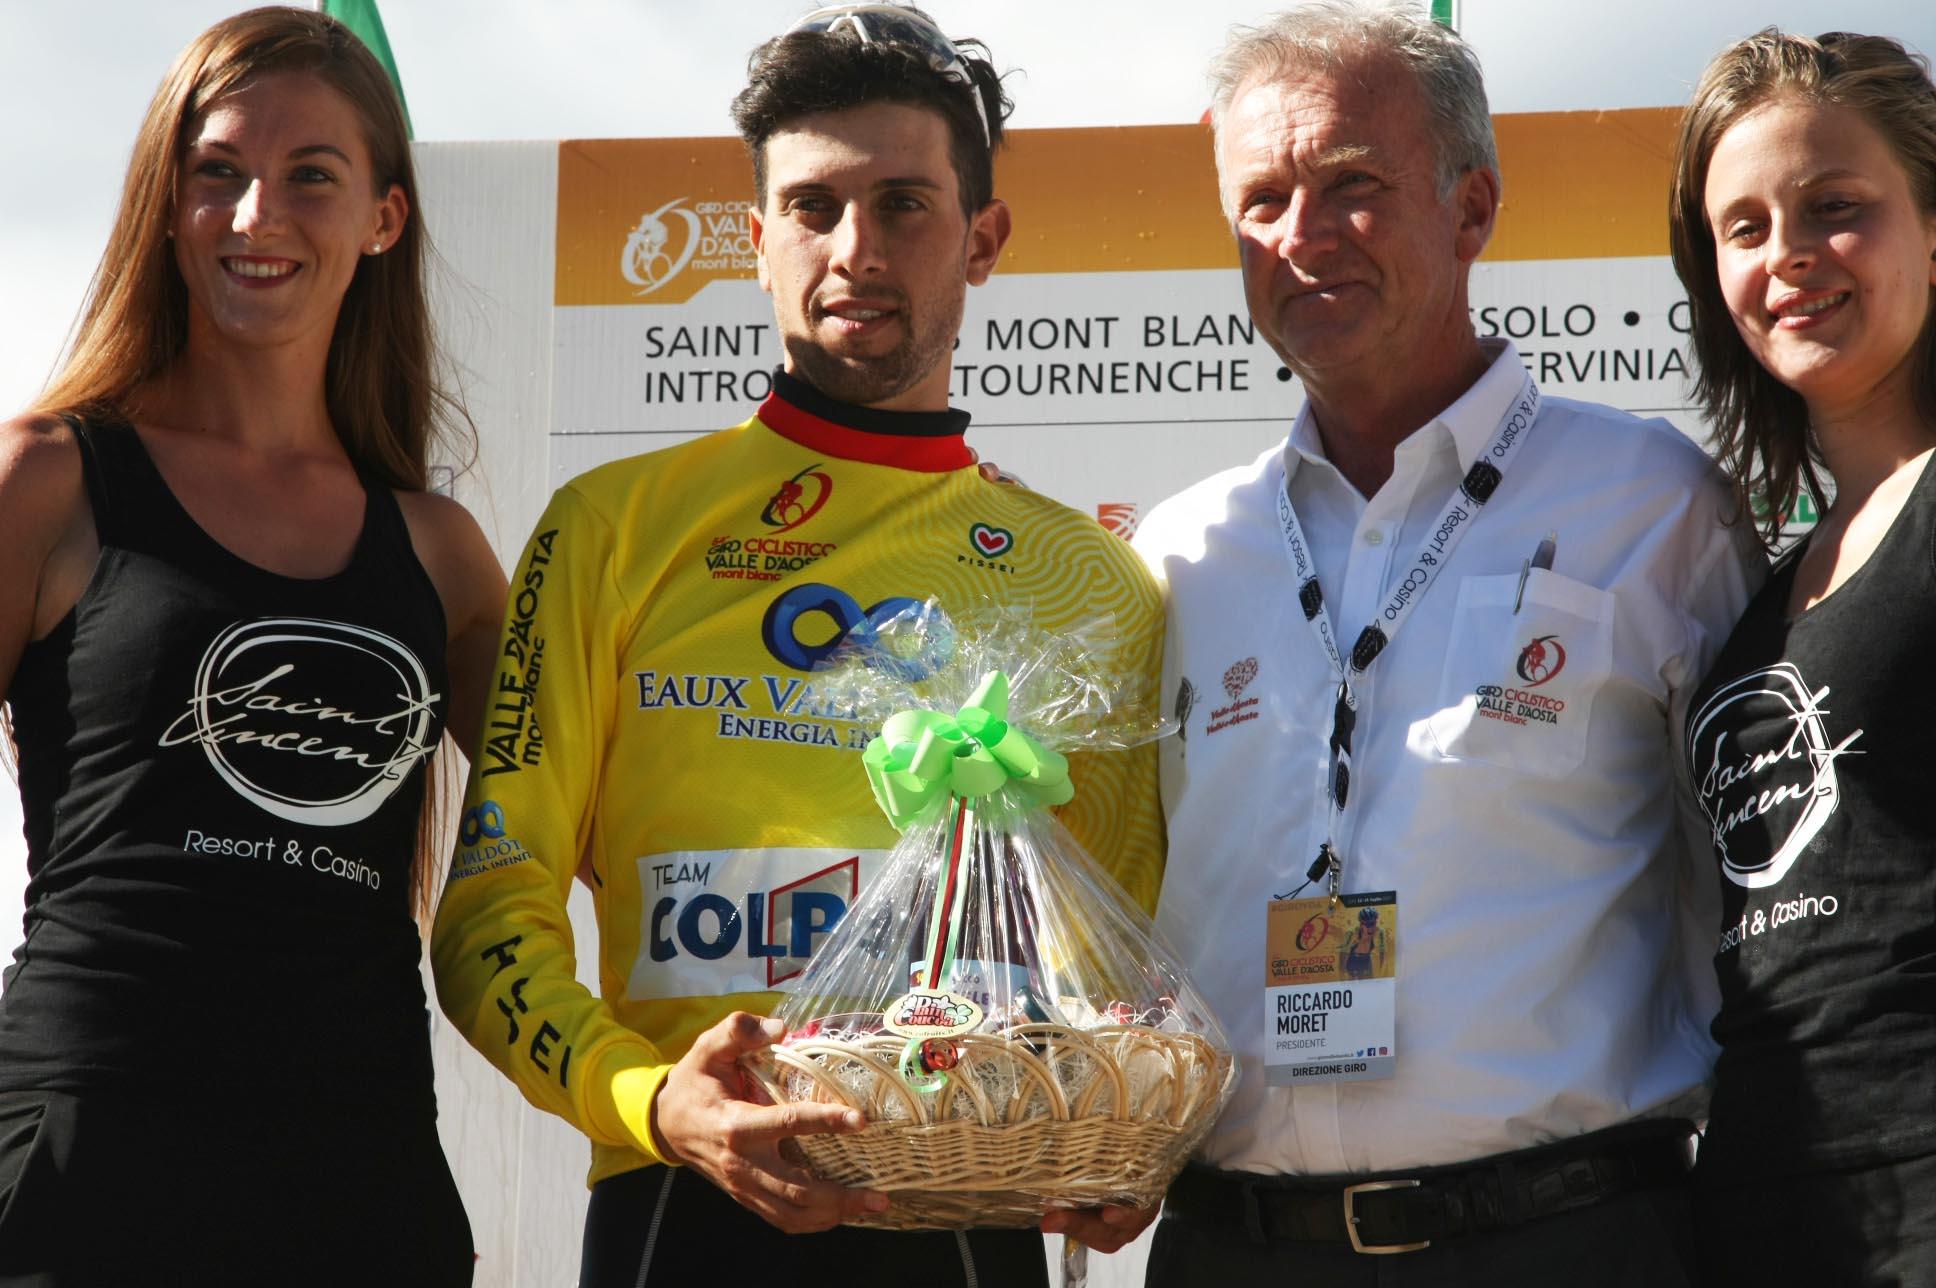 Giovanni Carboni resta leader del Giro Valle d'Aosta 2017